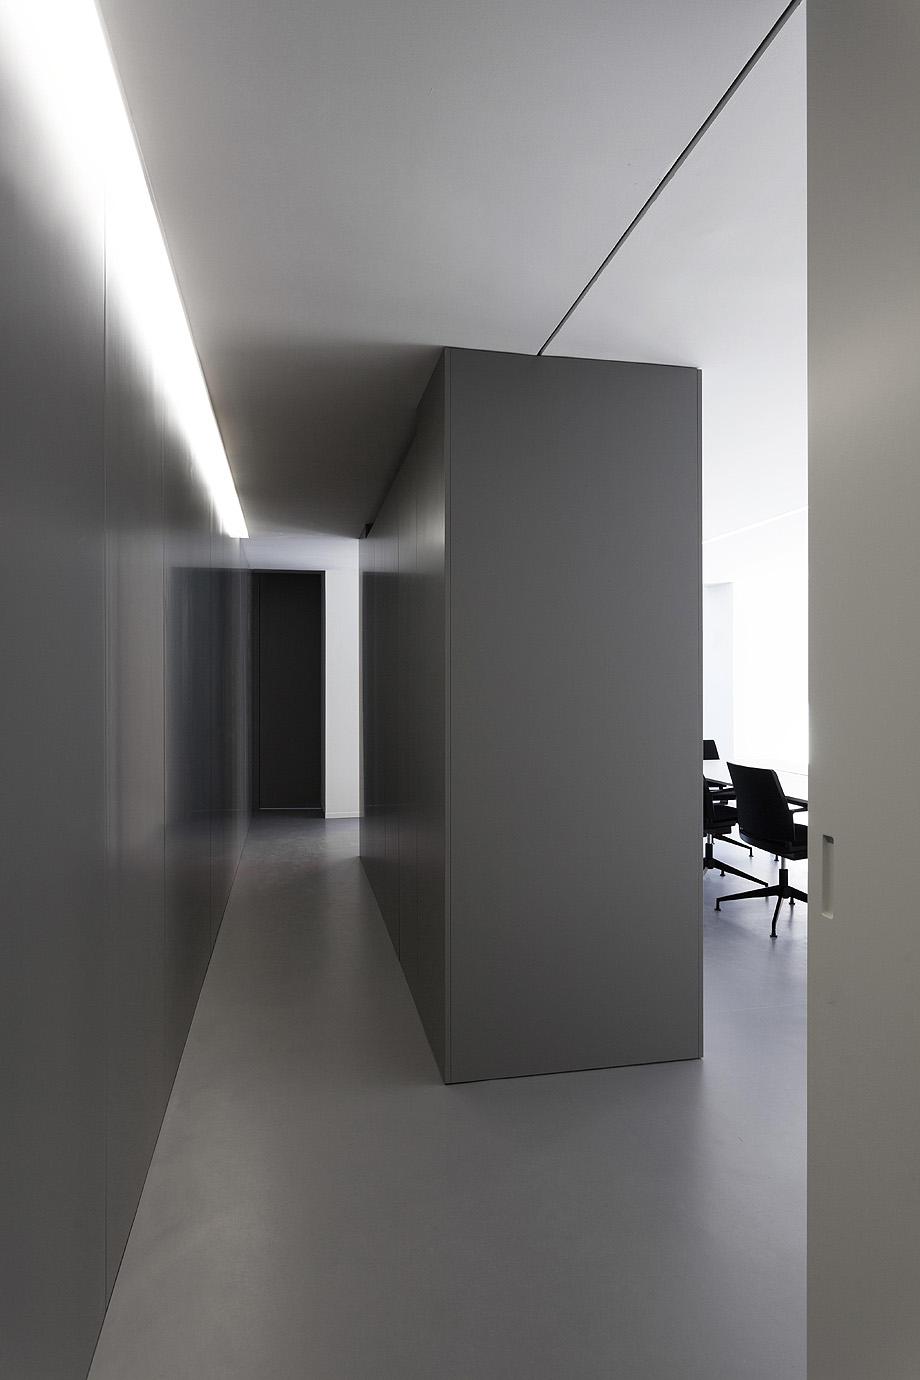 oficinas oav de fran silvestre arquitectos - foto diego opazo (9)